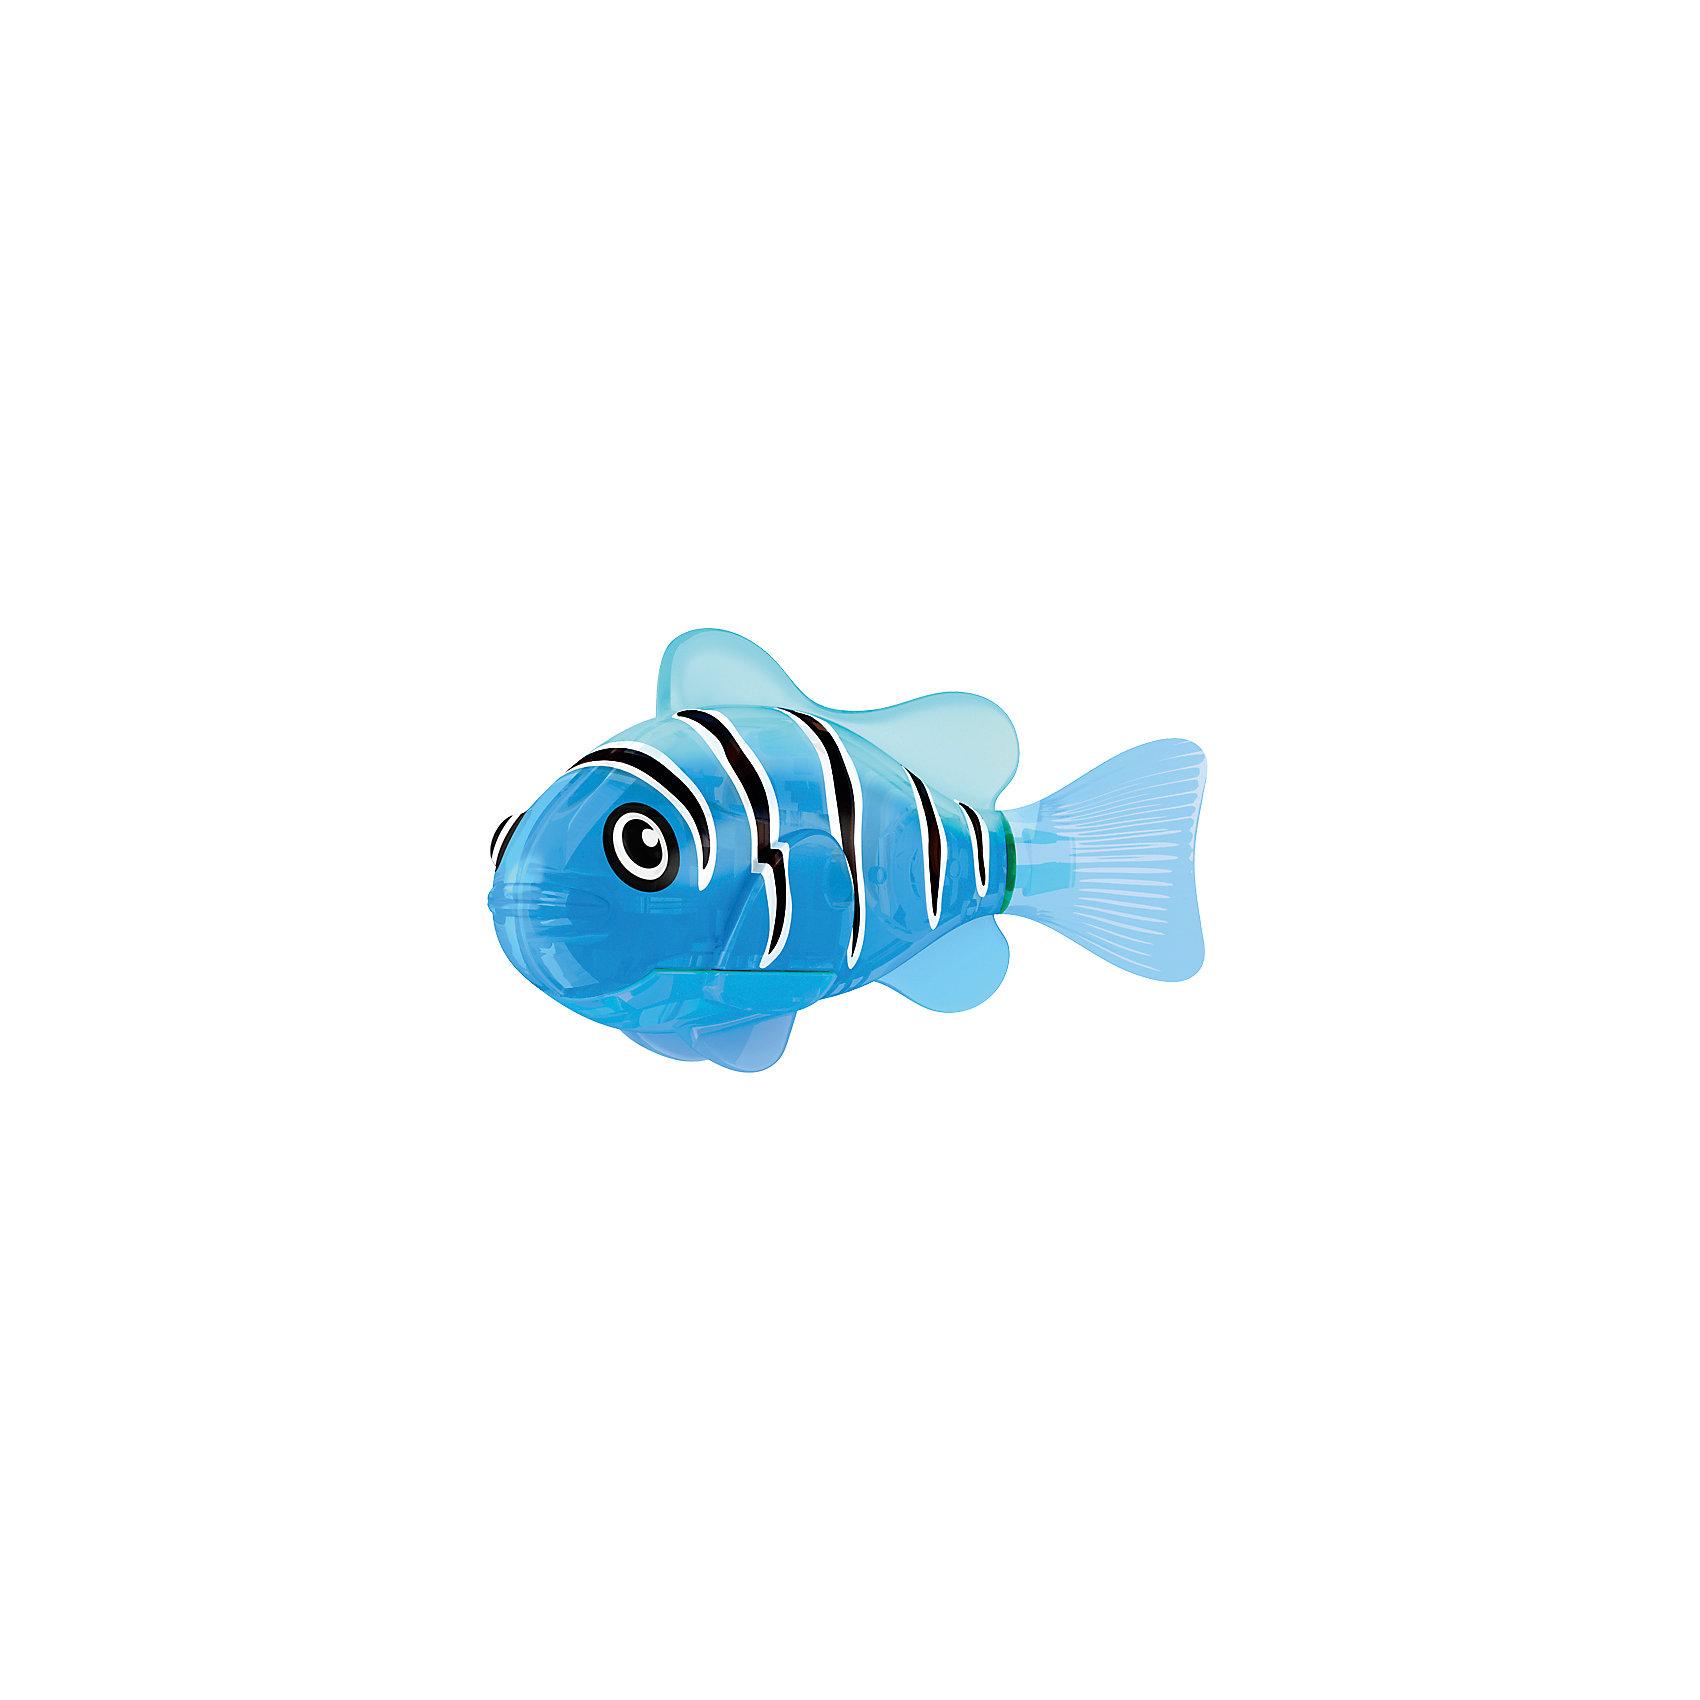 ZURU РобоРыбка светодиодная Синий маяк, RoboFish роборыбка zuru клоун 2501 4